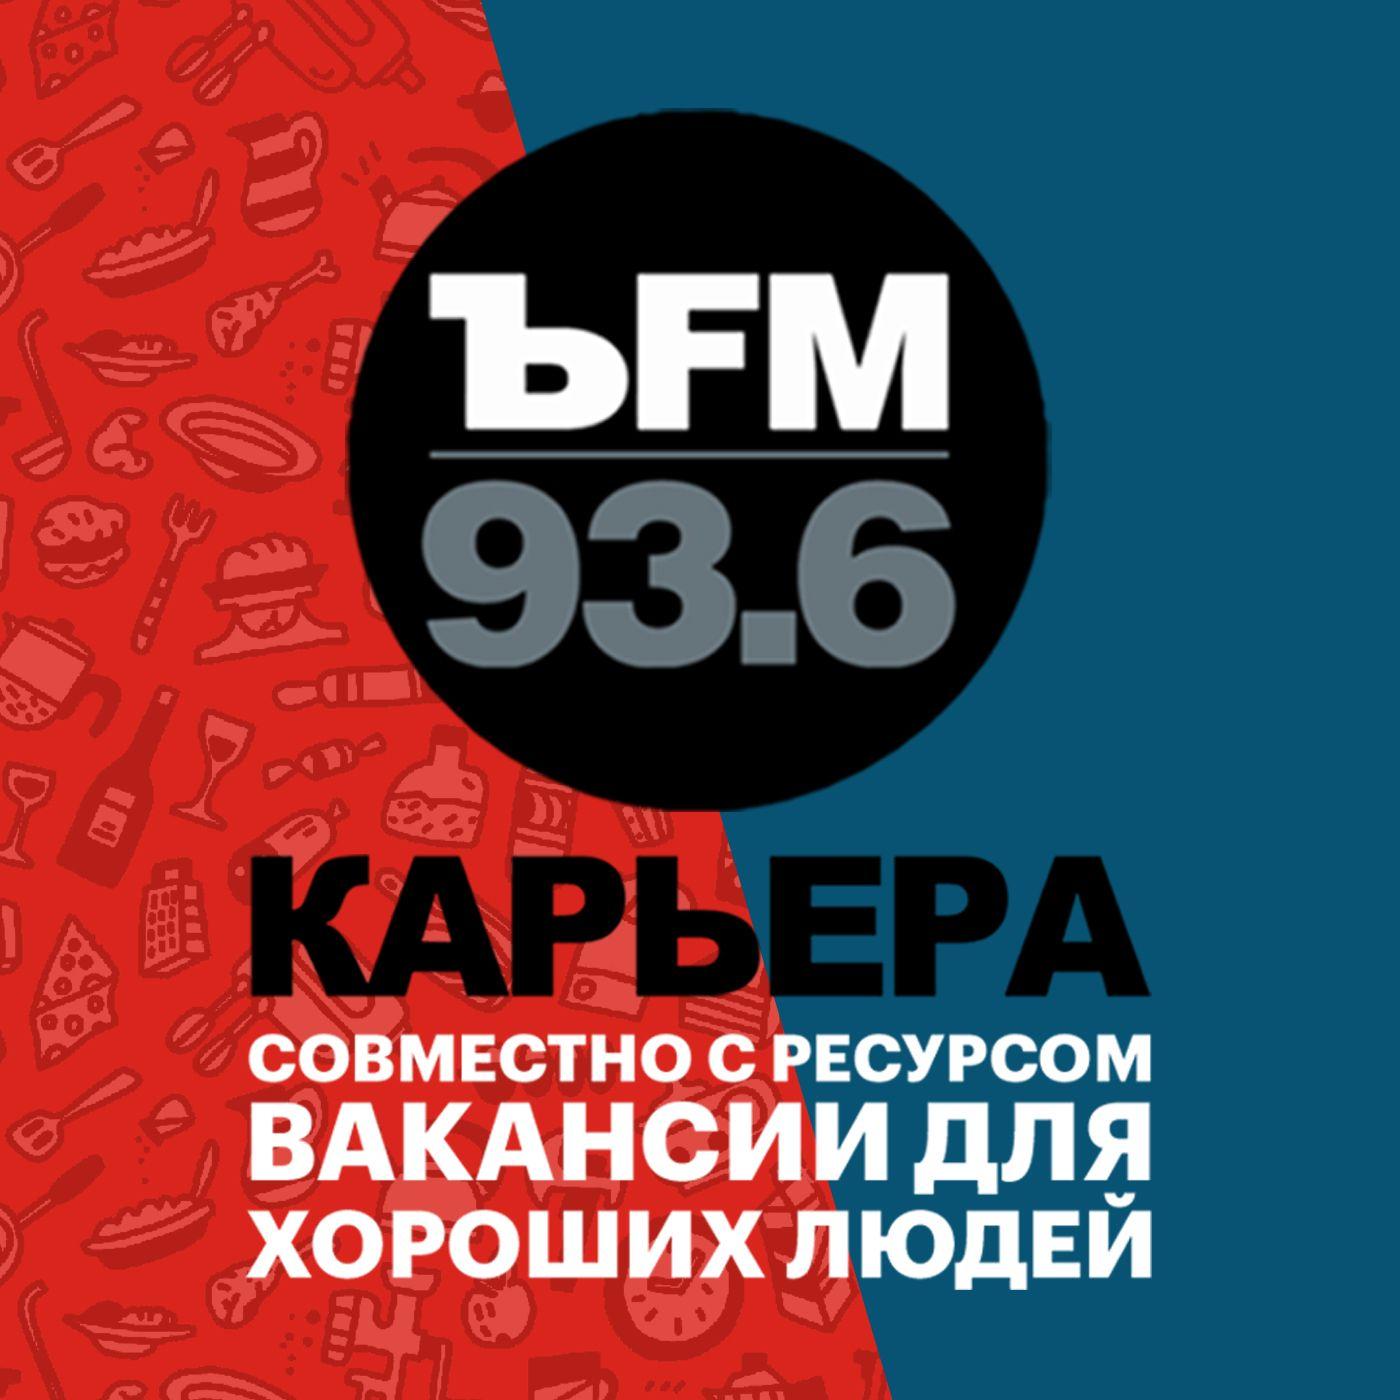 Творческий коллектив программы «Ъ FM. Карьера» О профессиональном успехе творческий коллектив программы ъ fm карьера о продвижении в интернете